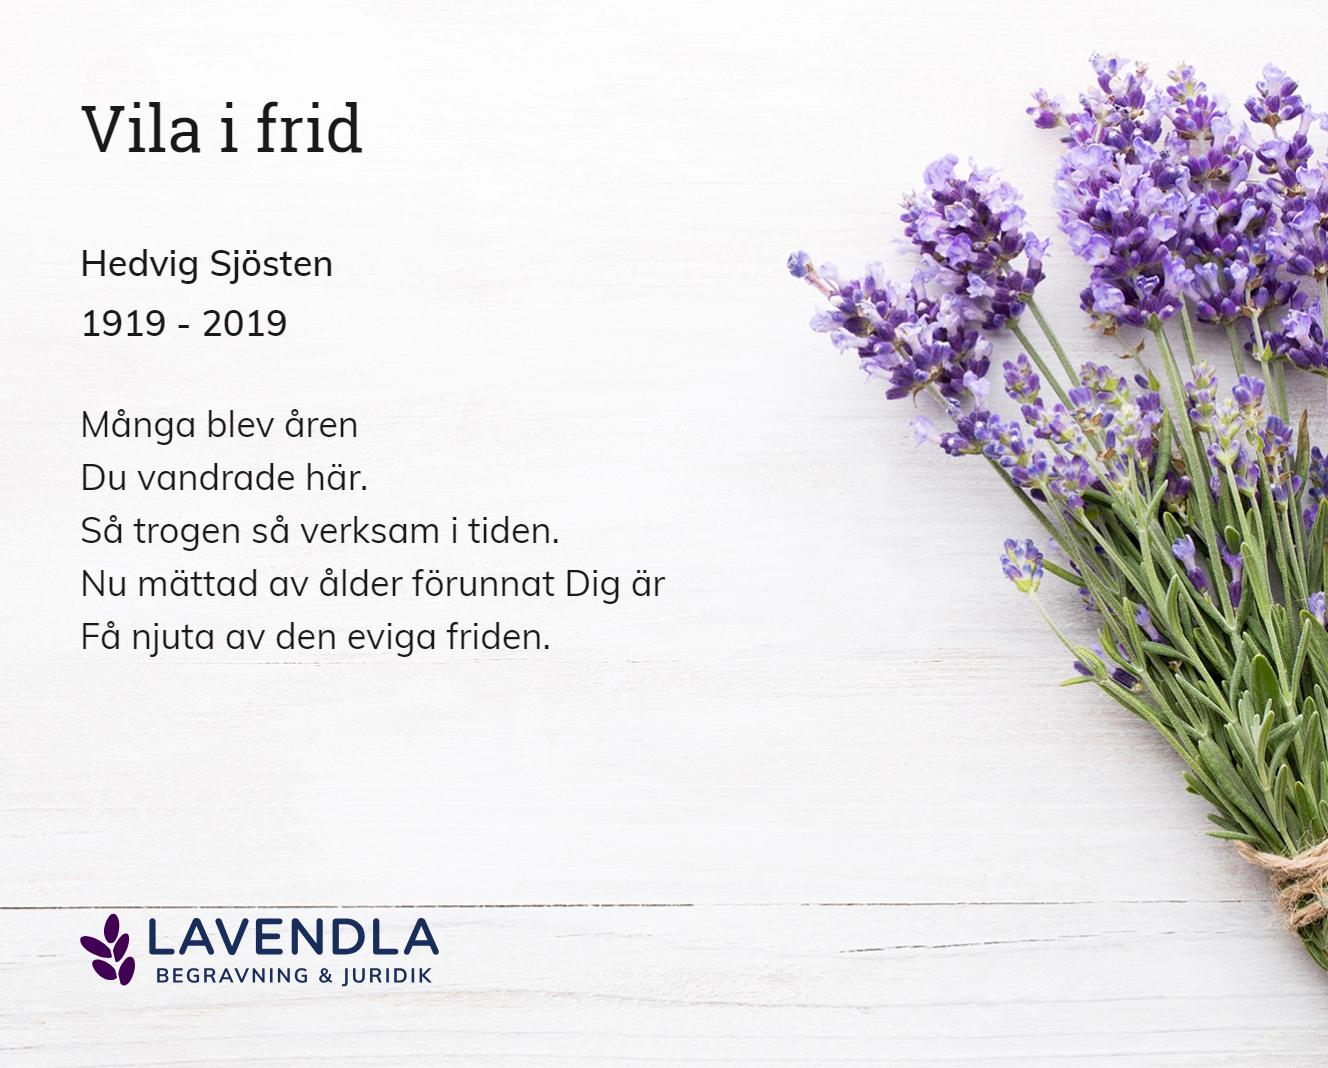 Inbjudningskort till ceremonin för Hedvig Sjösten